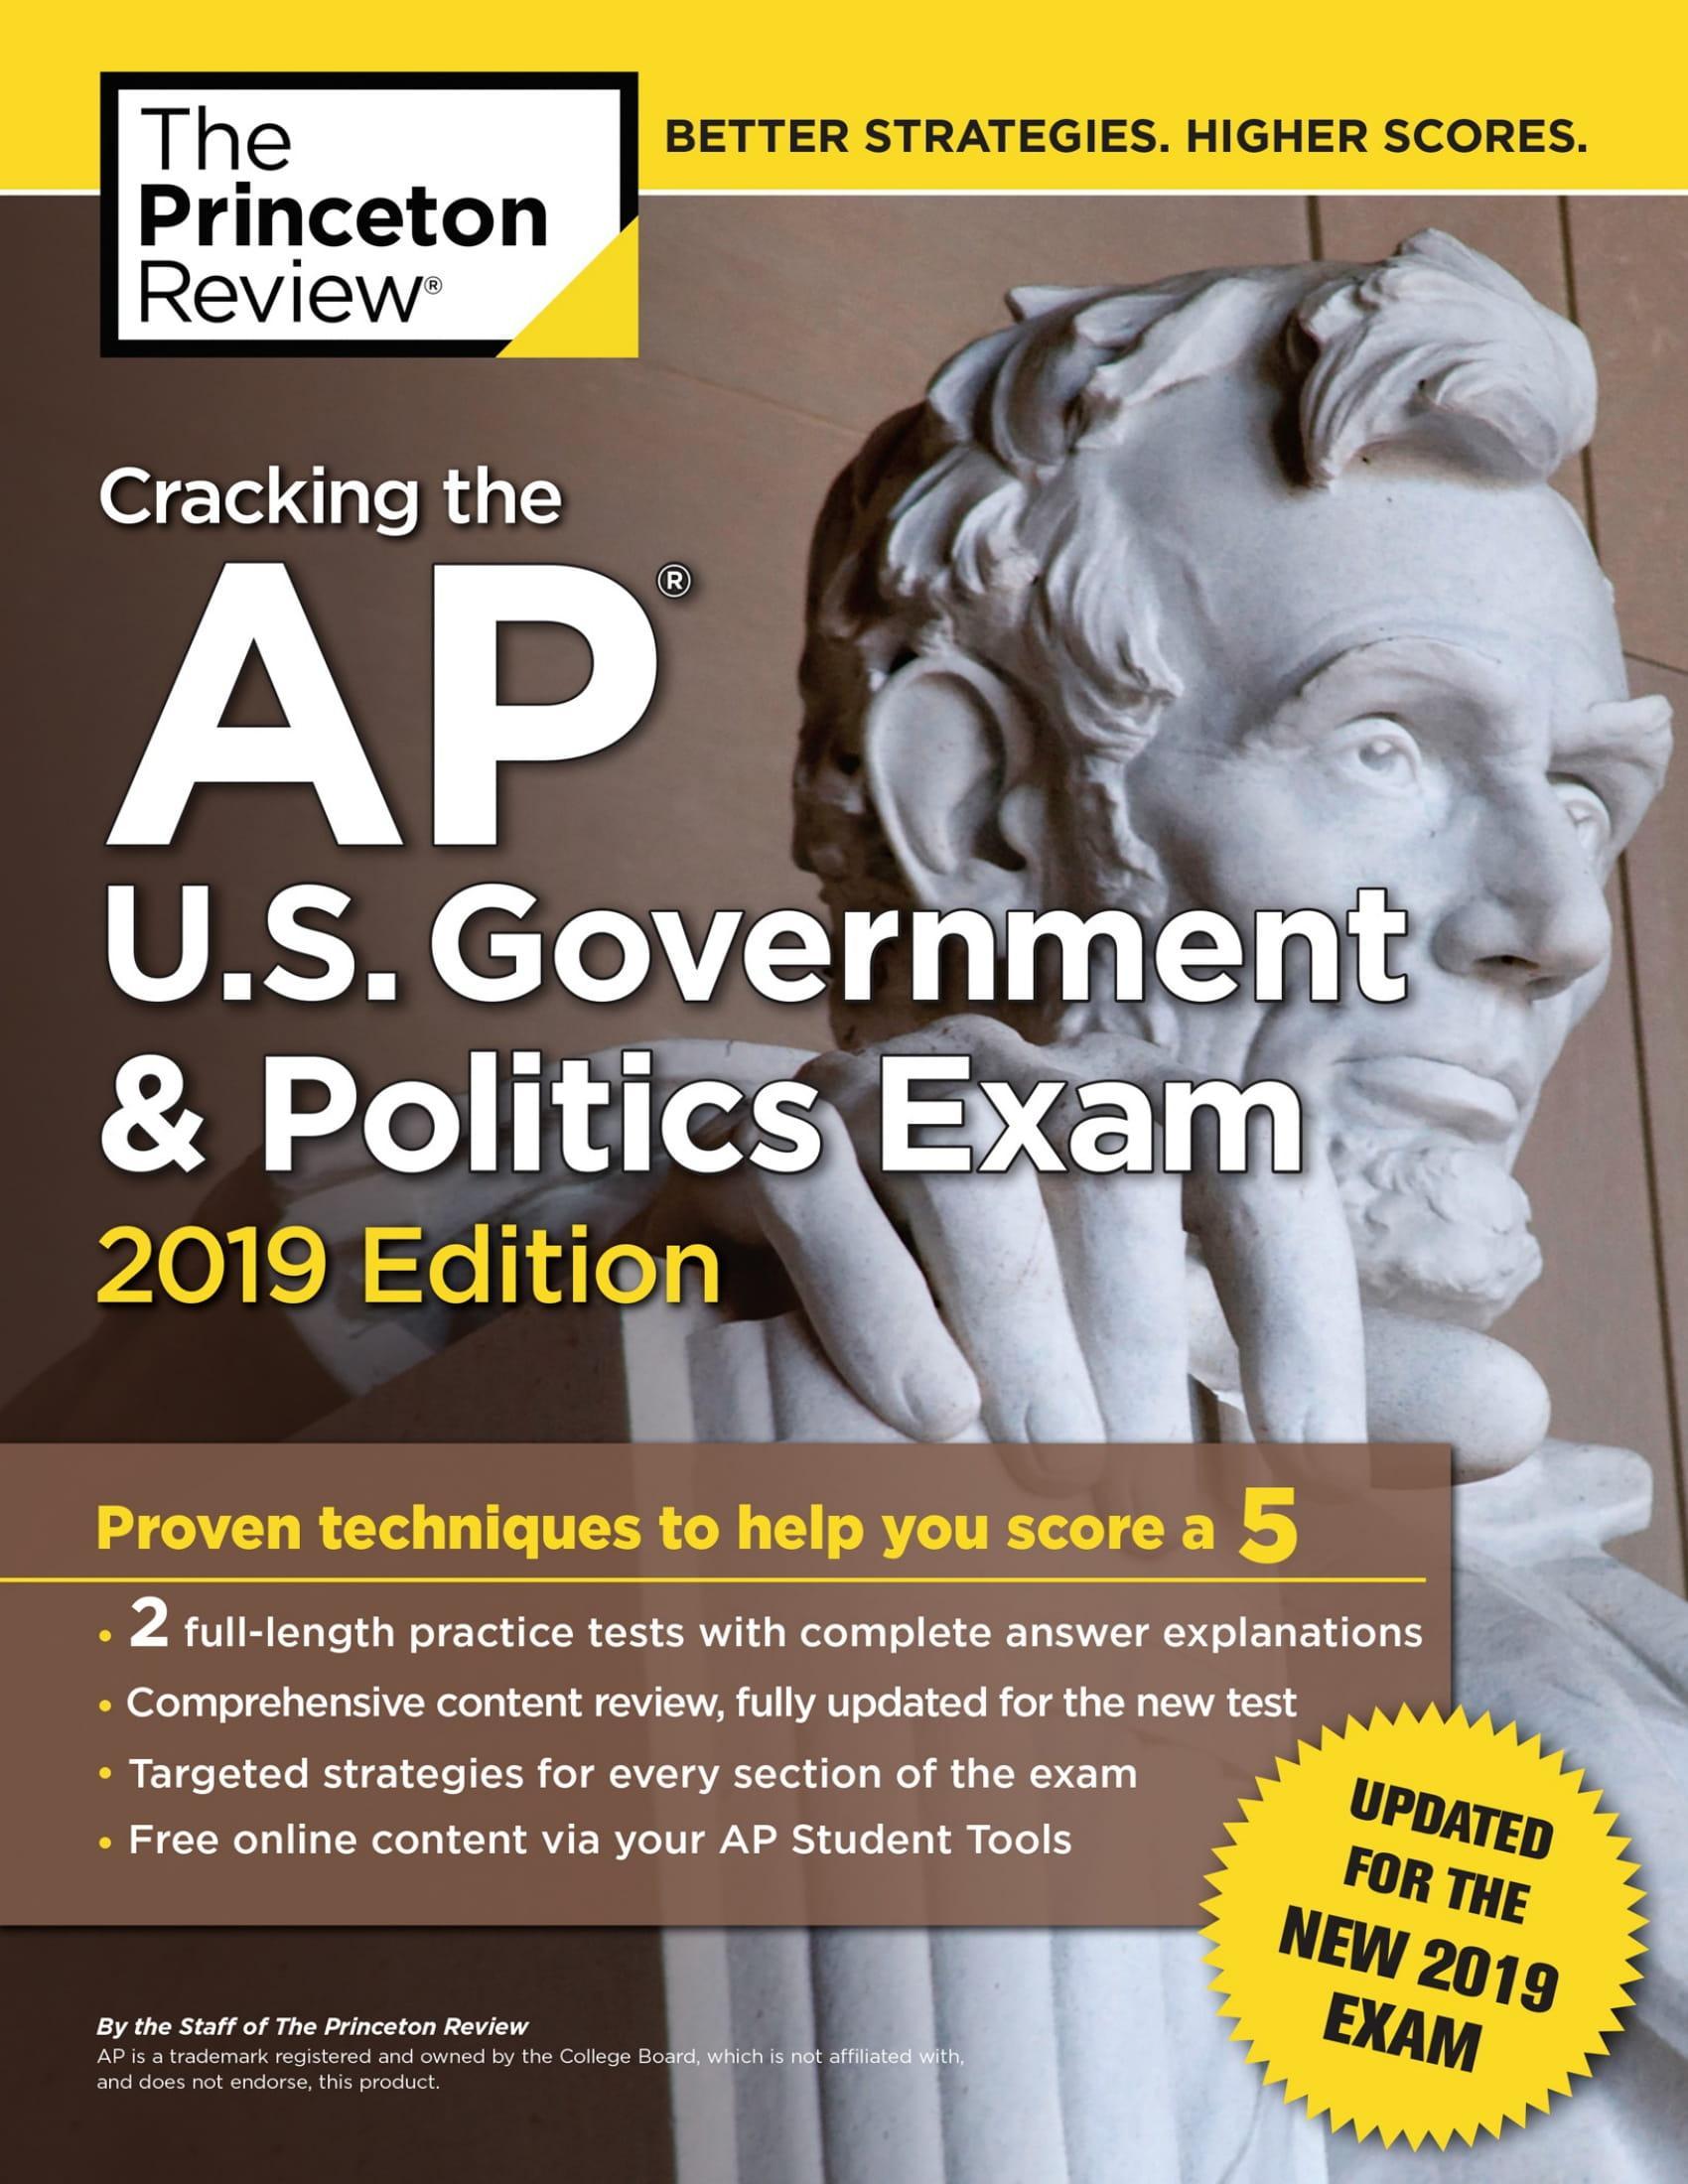 Mua Cracking the AP U.S. Government & Politics Exam, 2019 Edition